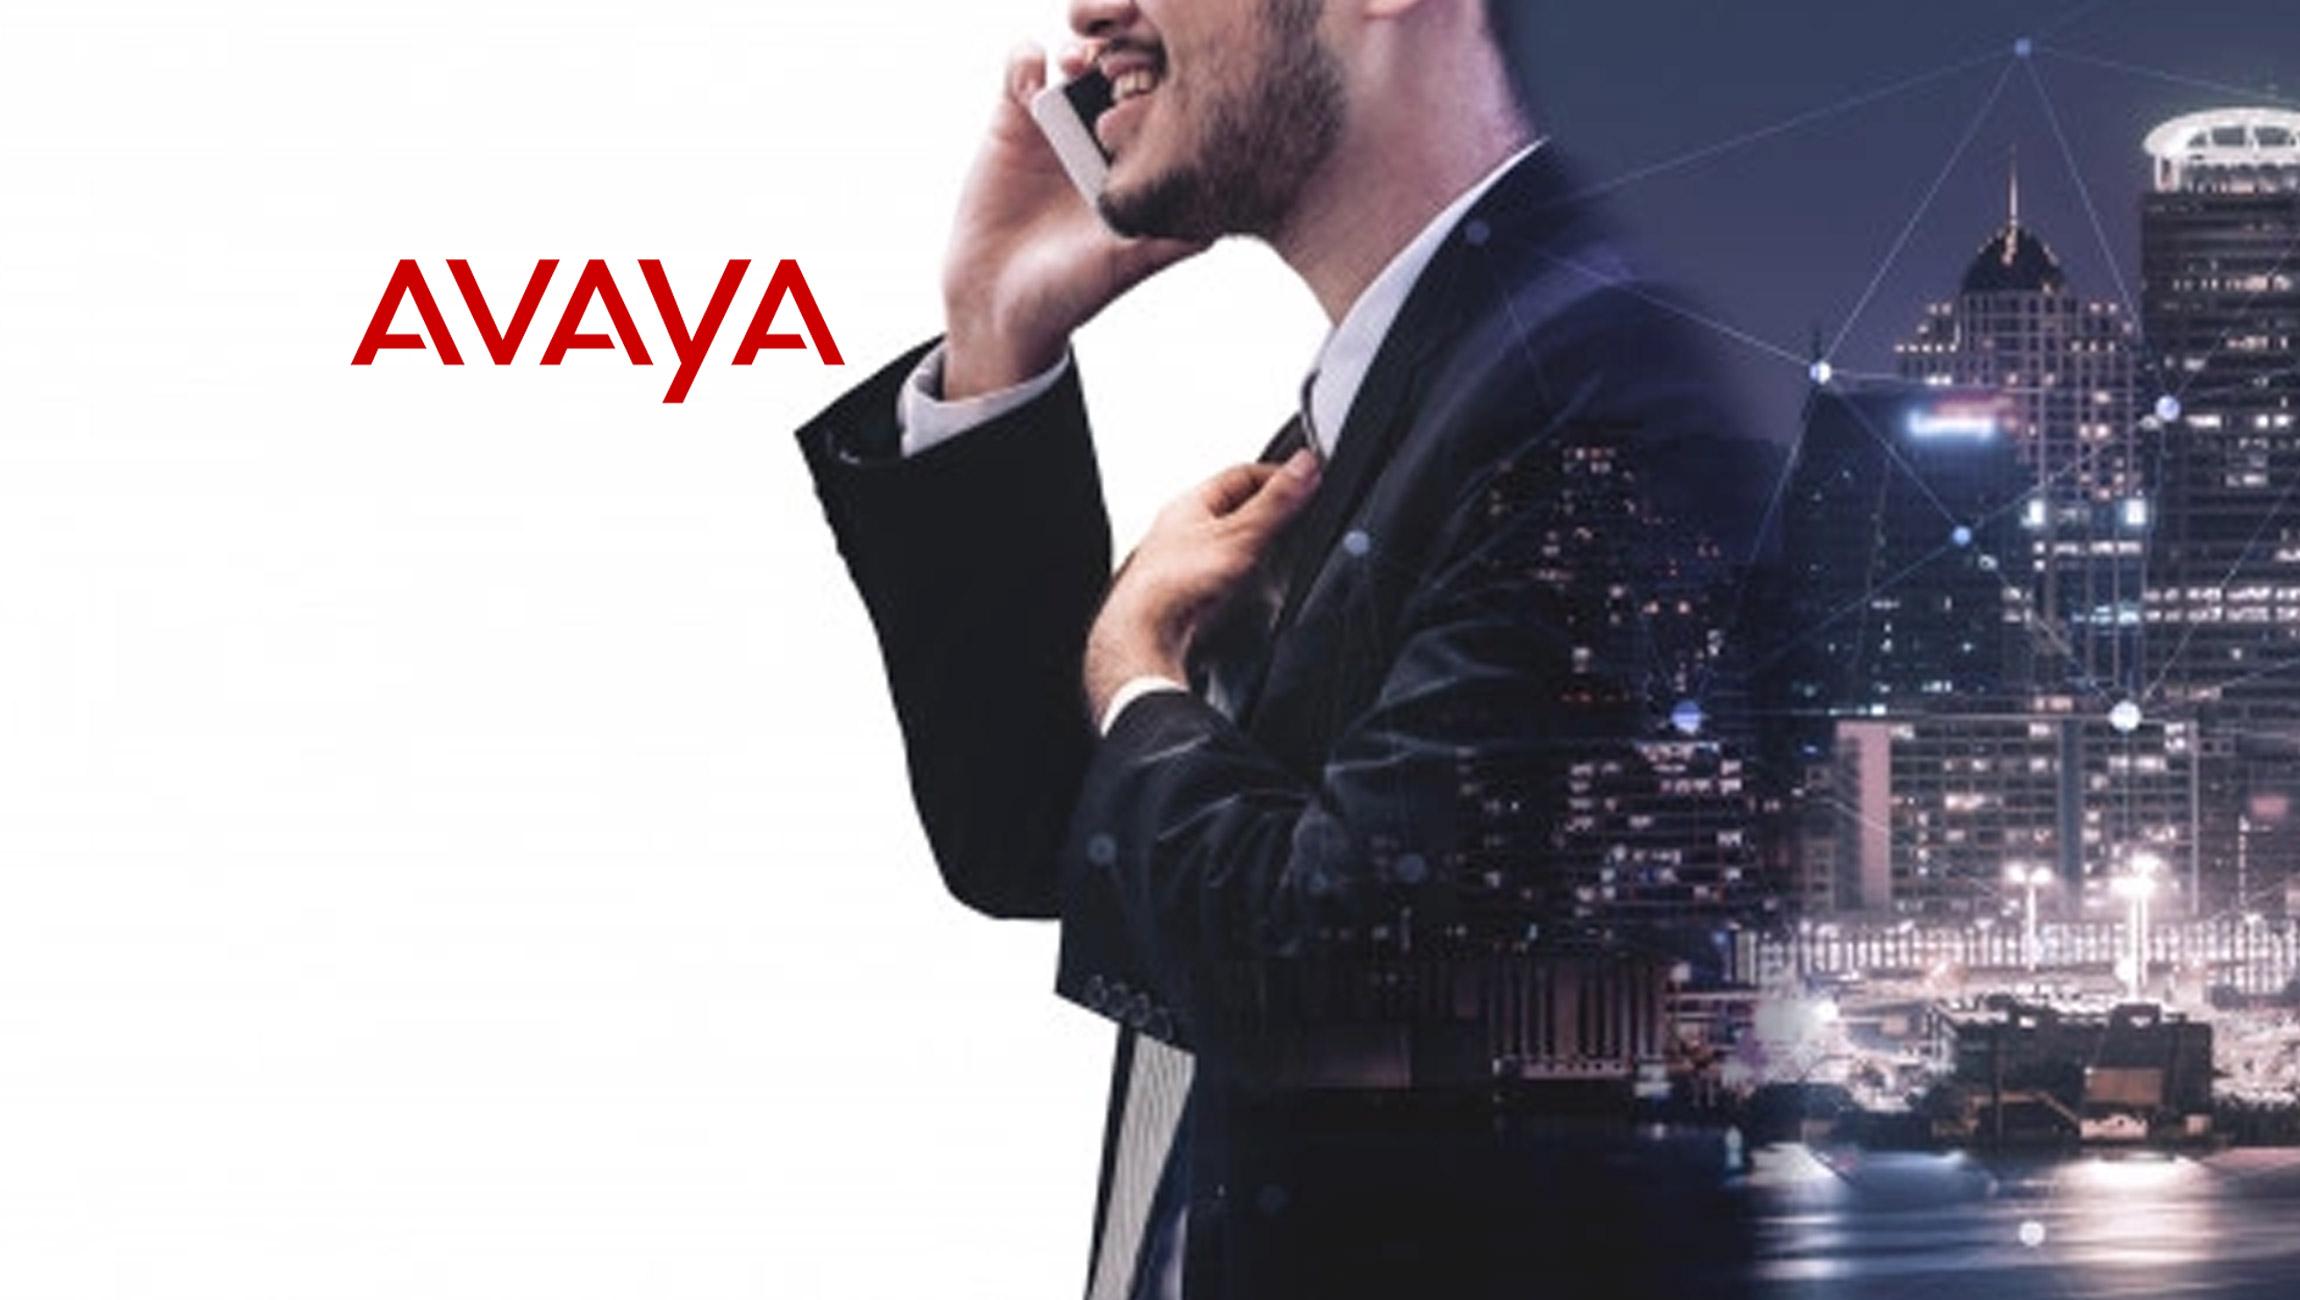 Avaya Announces Avaya OneCloud for Service Cloud on Salesforce AppExchange, the World's Leading Enterprise Cloud Marketplace